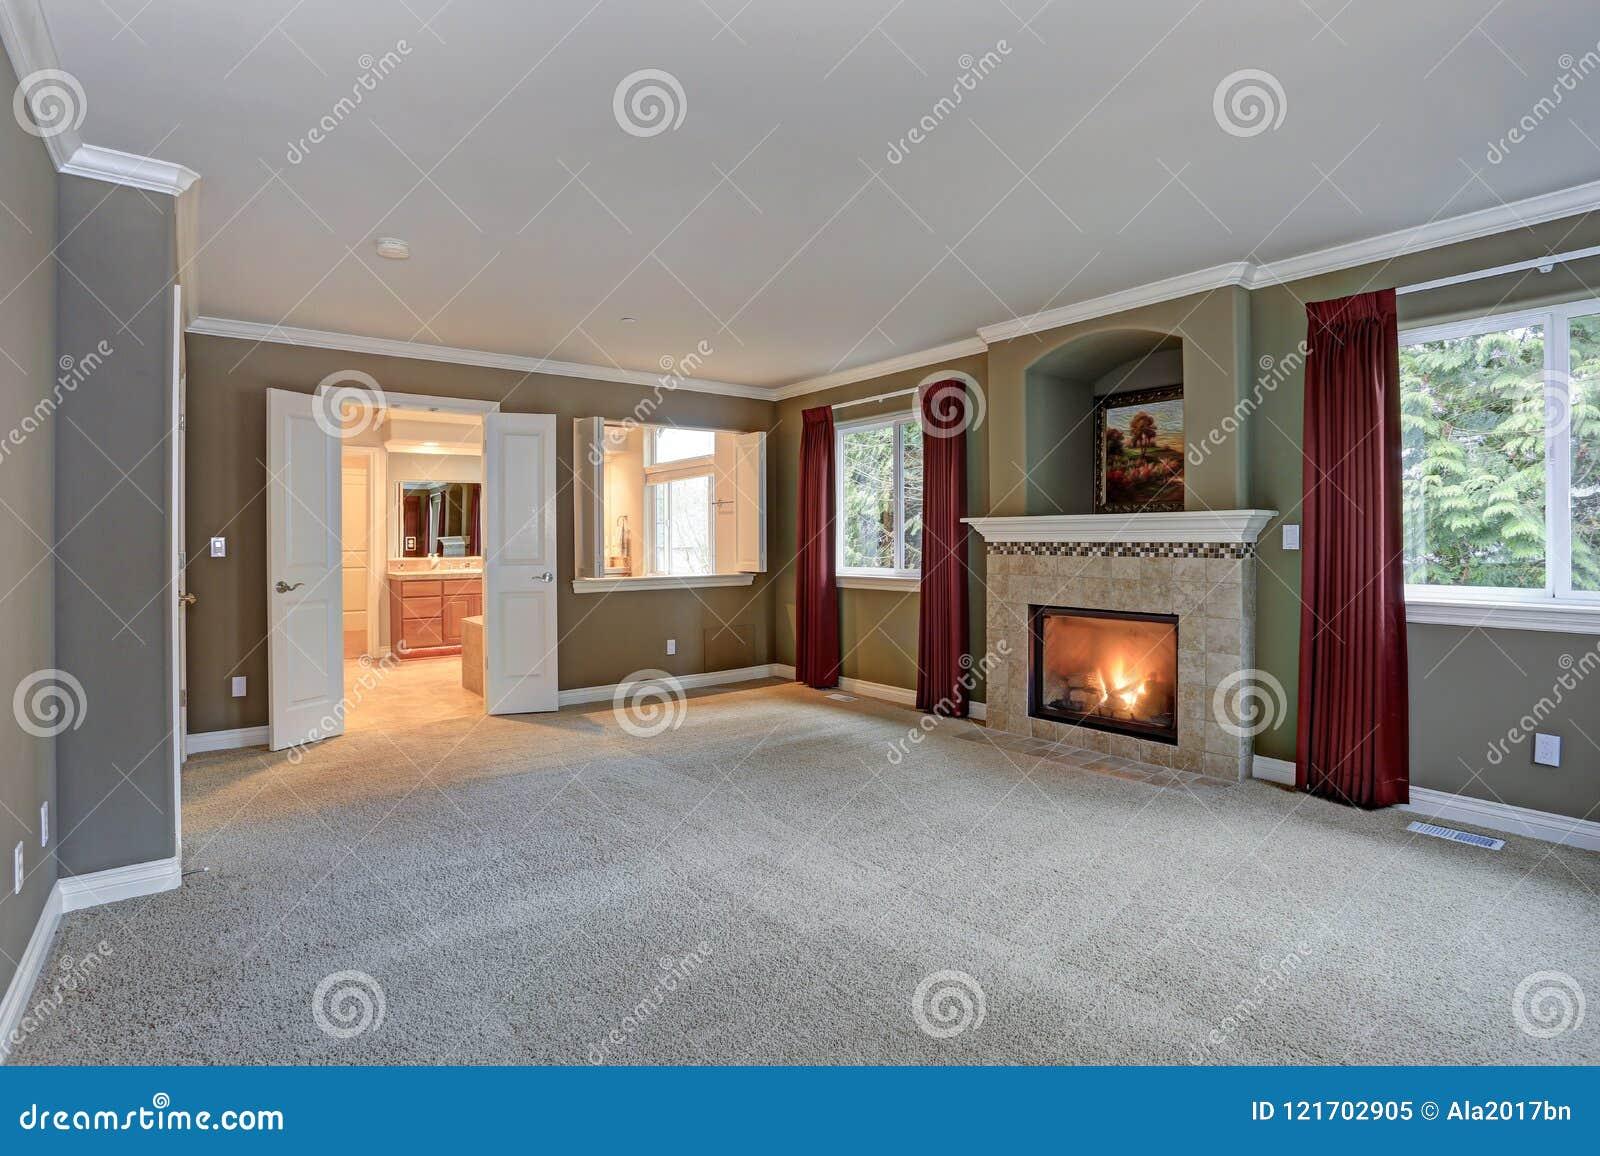 Salon Rouge Et Gris Spacieux Avec à Haut Plafond Image stock ...